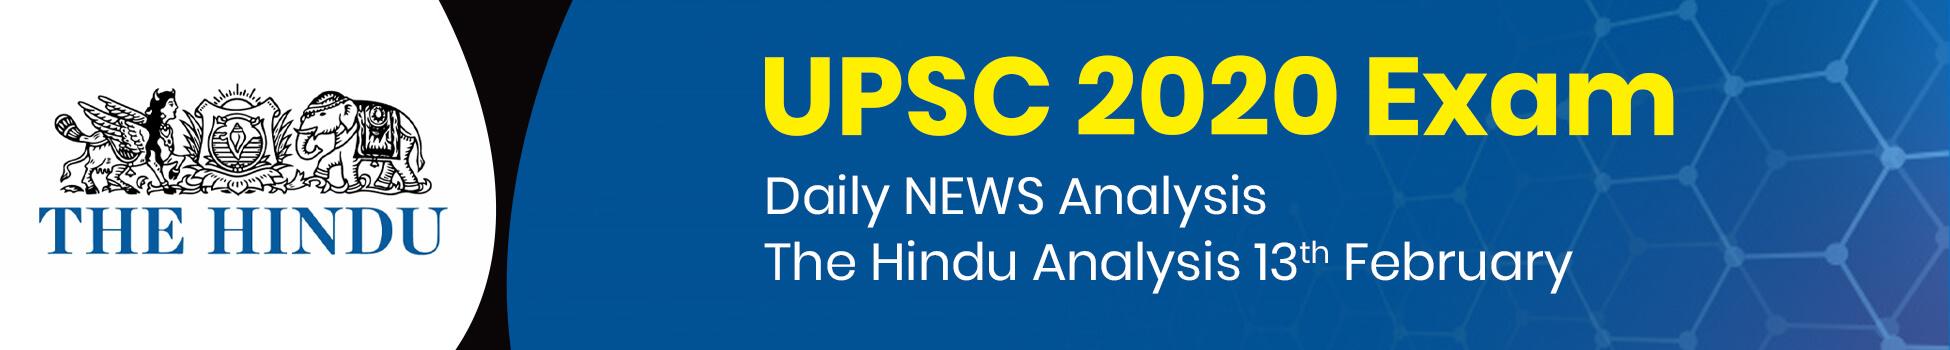 Daily NEWS Analysis | The Hindu Analysis 5th February | UPSC 2020 Exam